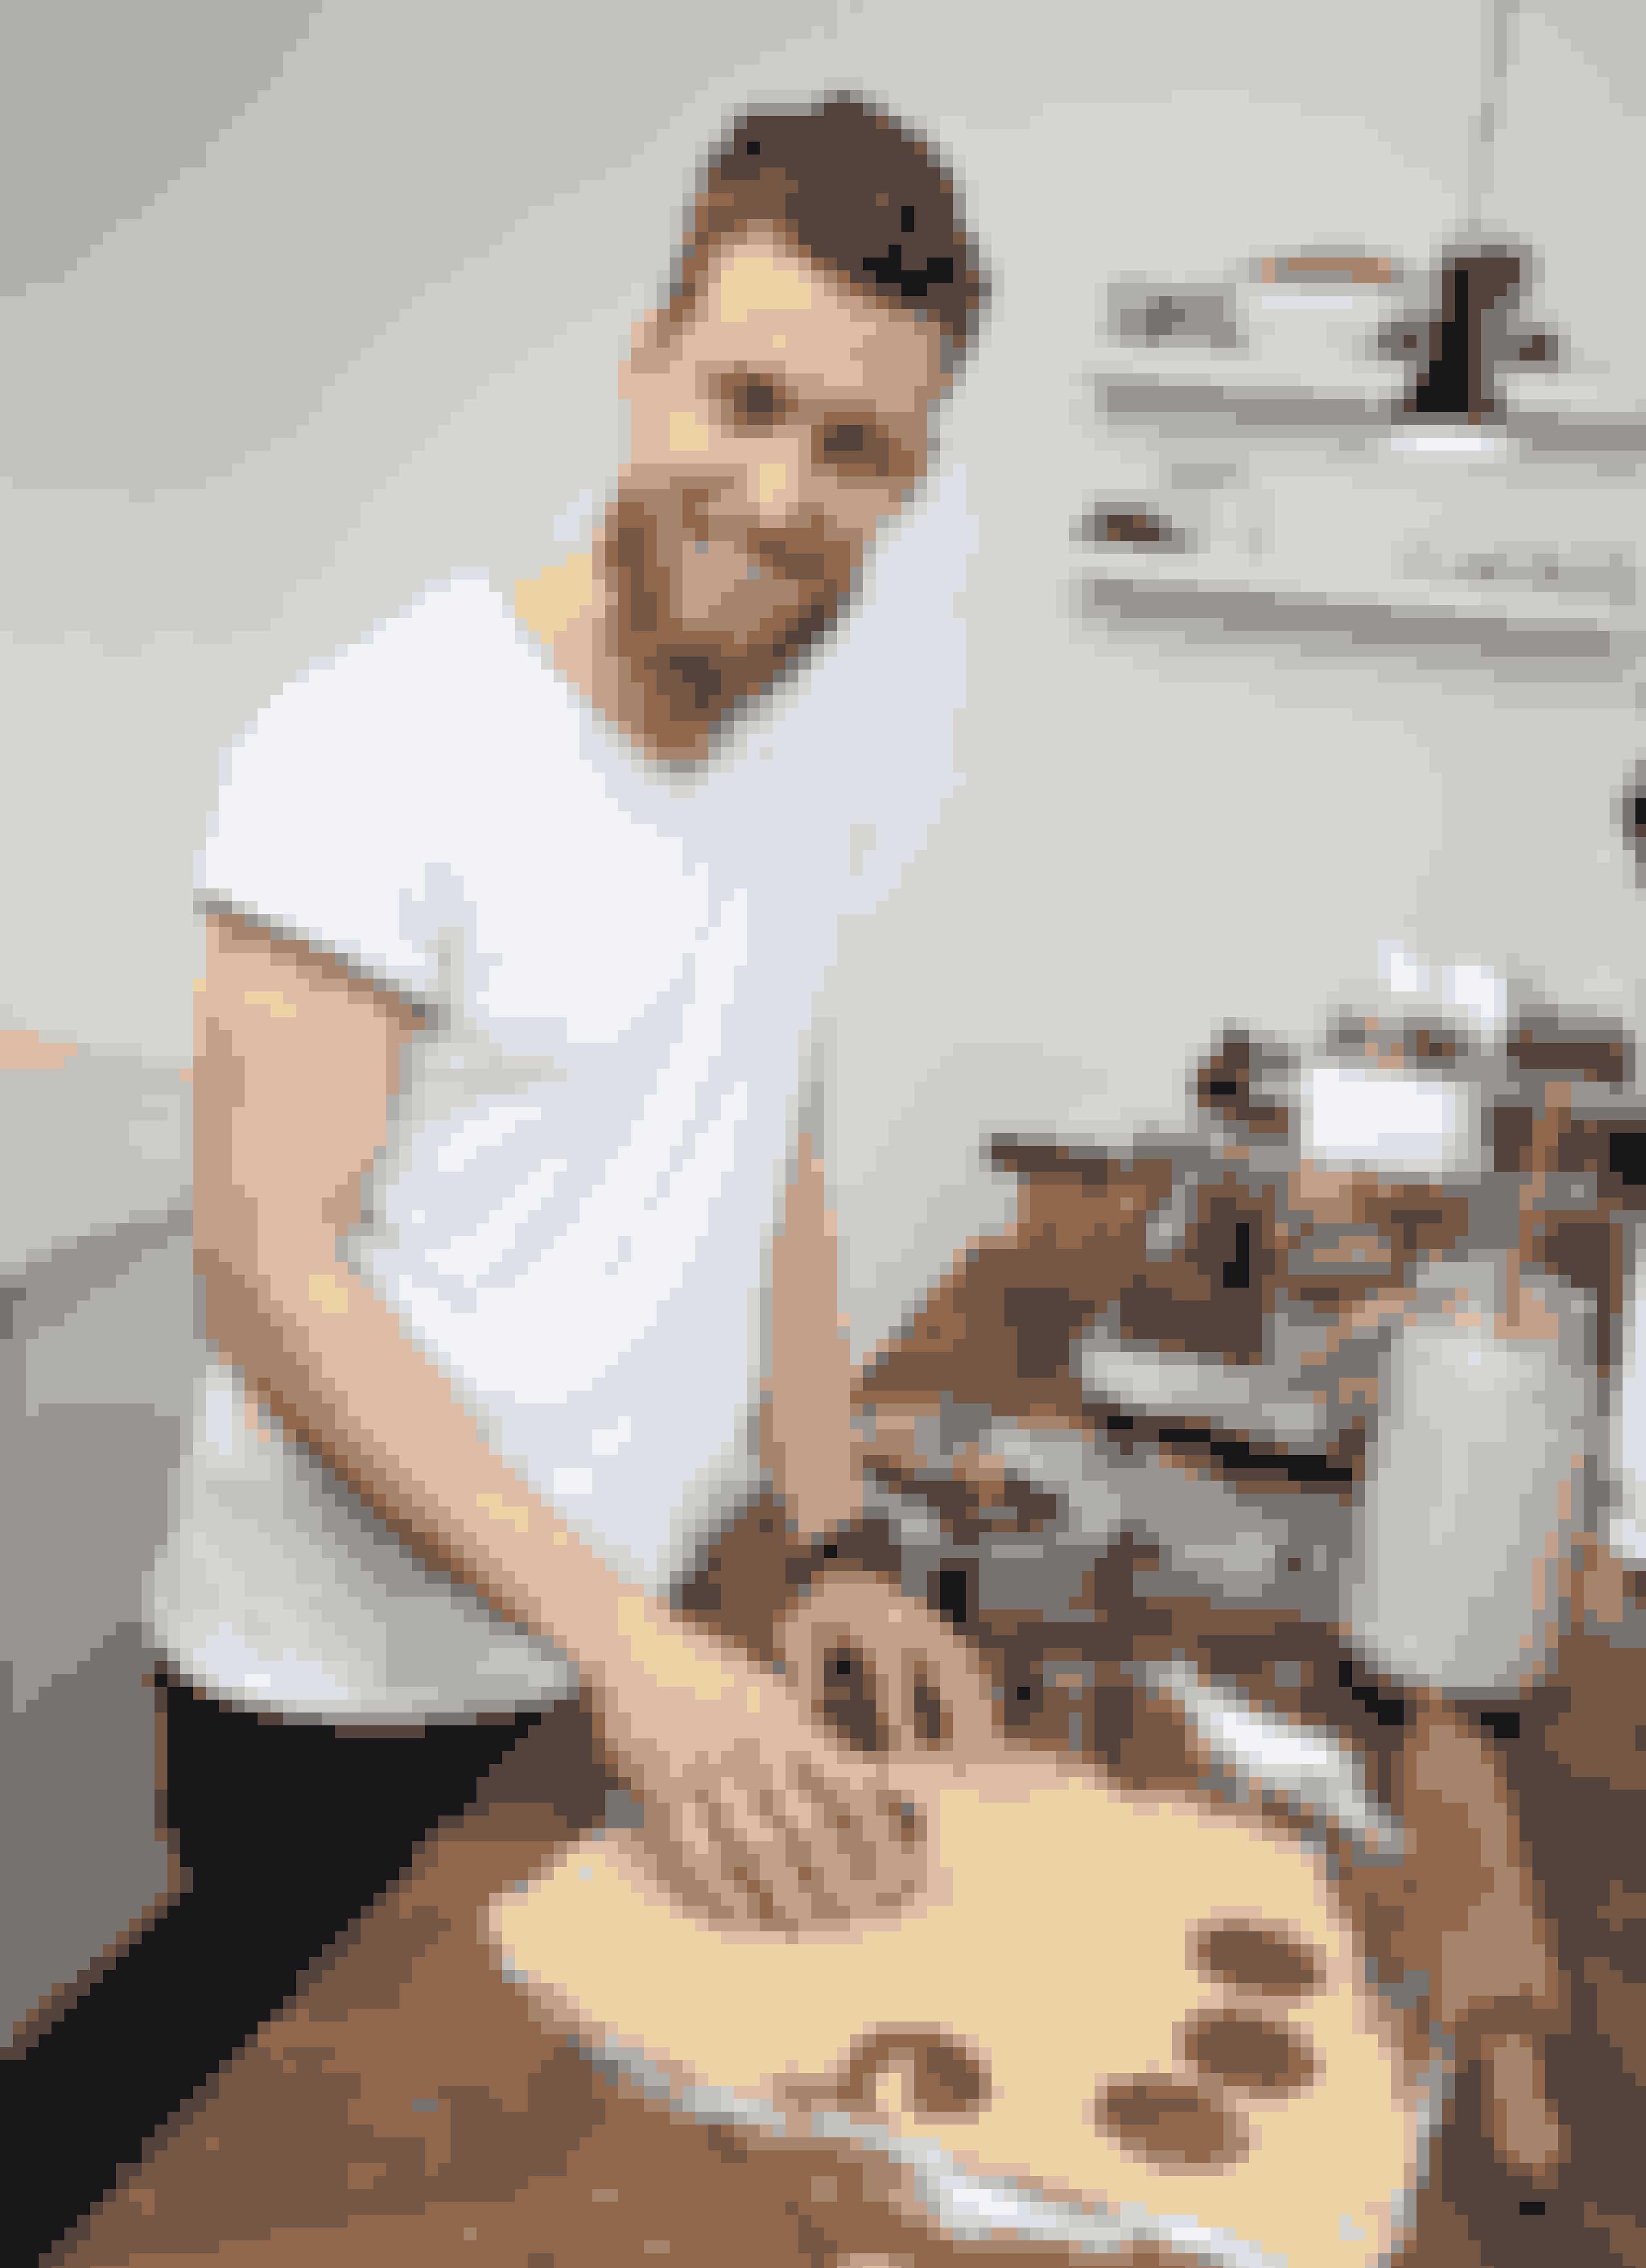 28-årige Jesper Søvndal fra Kolding er den eneste mand, der er tilbage i kagekonkurrencen. Han har flere gange tilegnet sig den fornemme mesterbager-titel med det tilhørende forklæde.